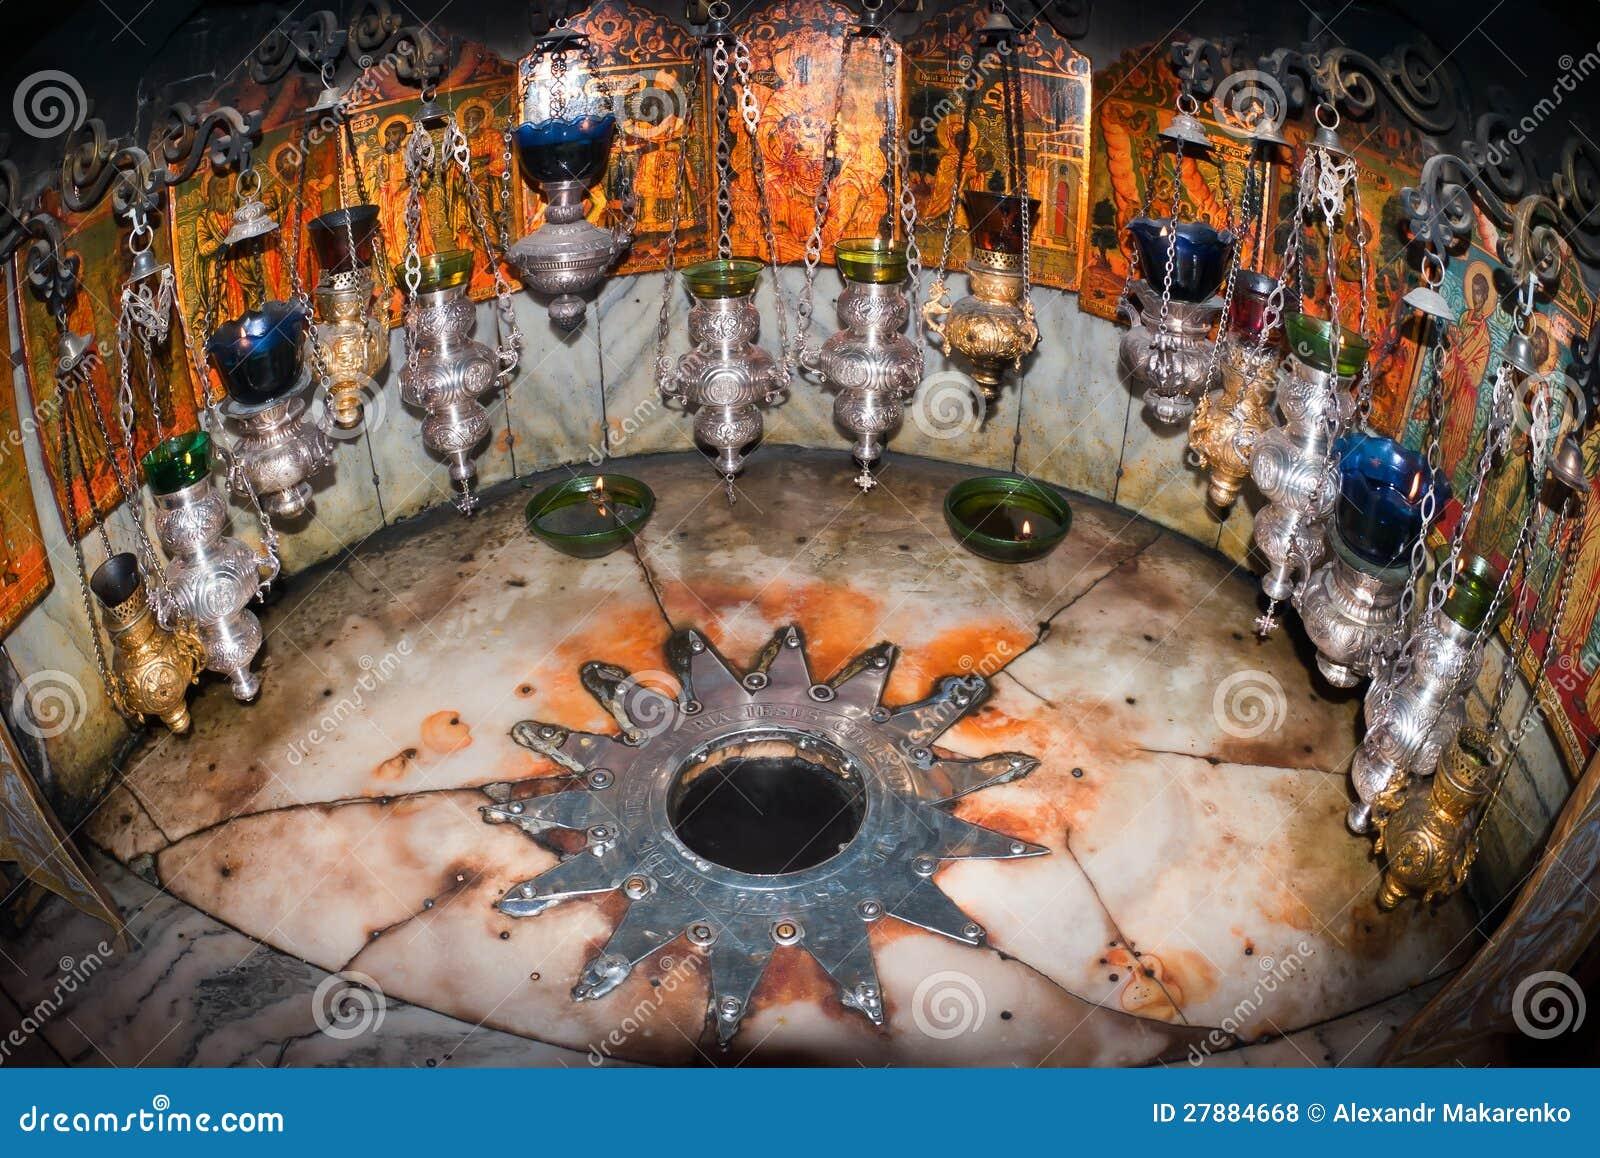 Εκκλησία της Βηθλεέμ του Nativity.